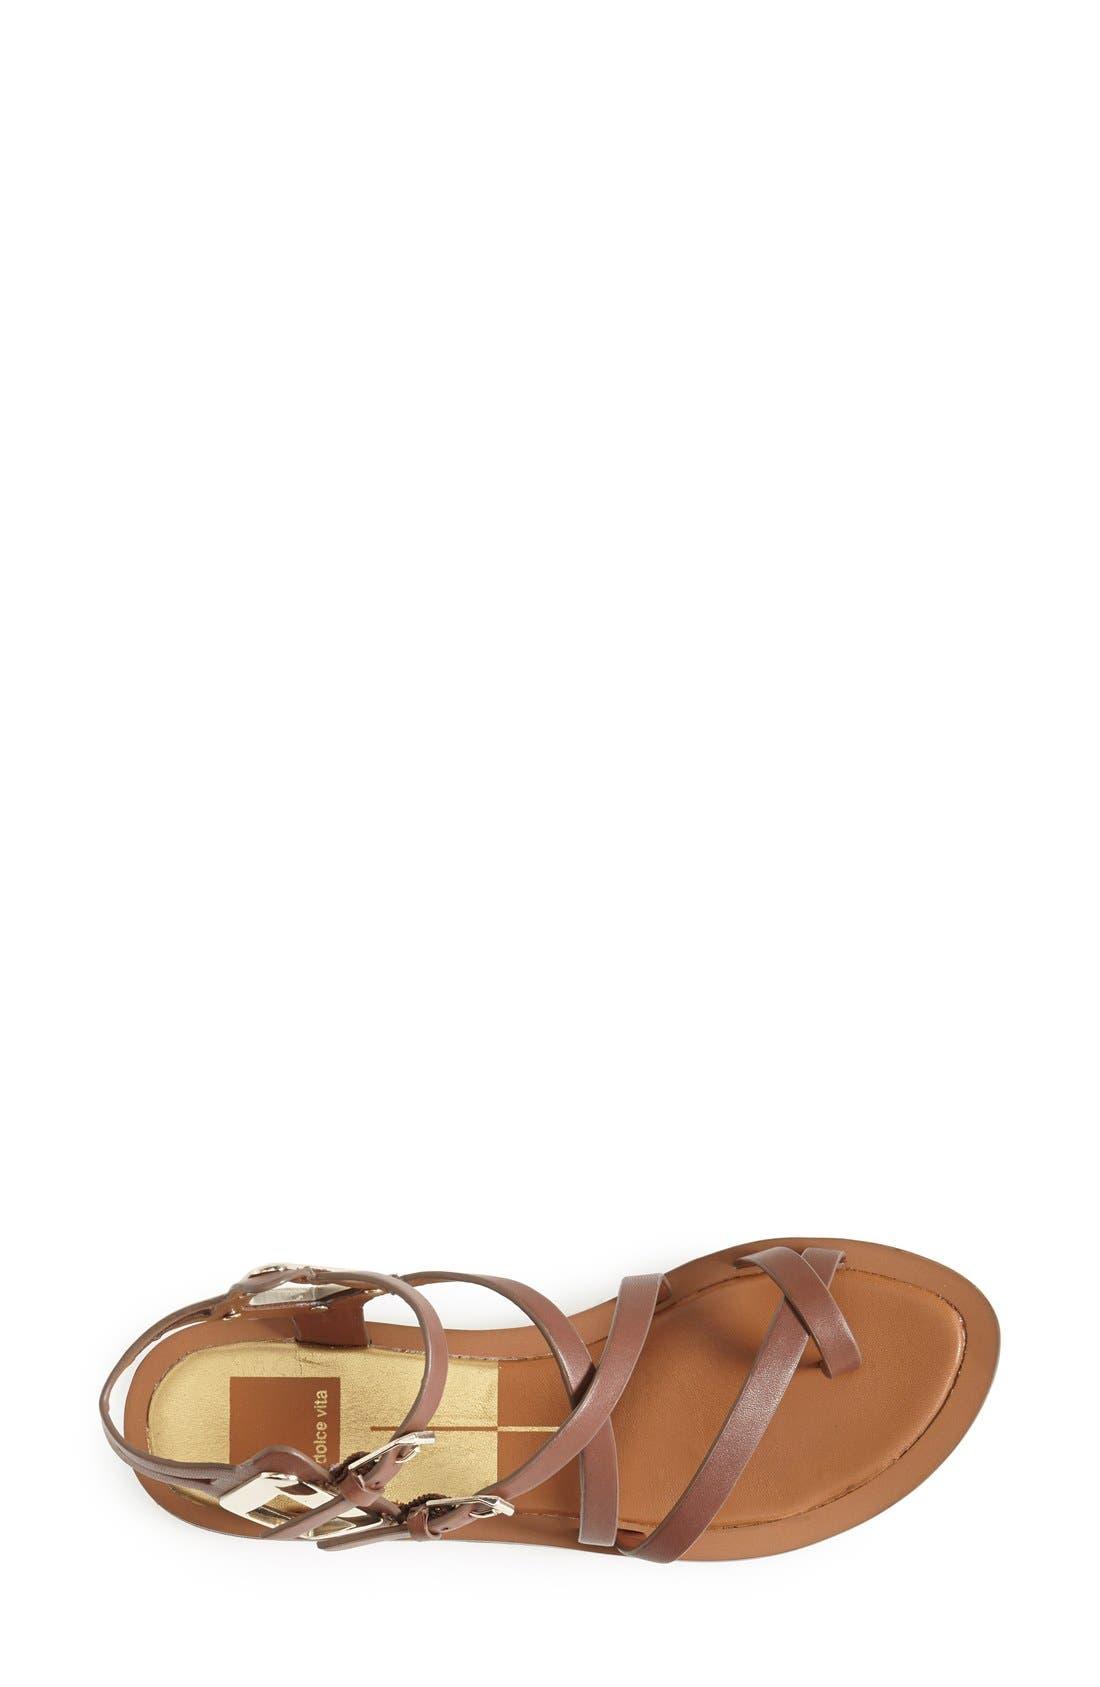 Alternate Image 3  - Dolce Vita 'Ferrah' Flat Leather Sandal (Women)